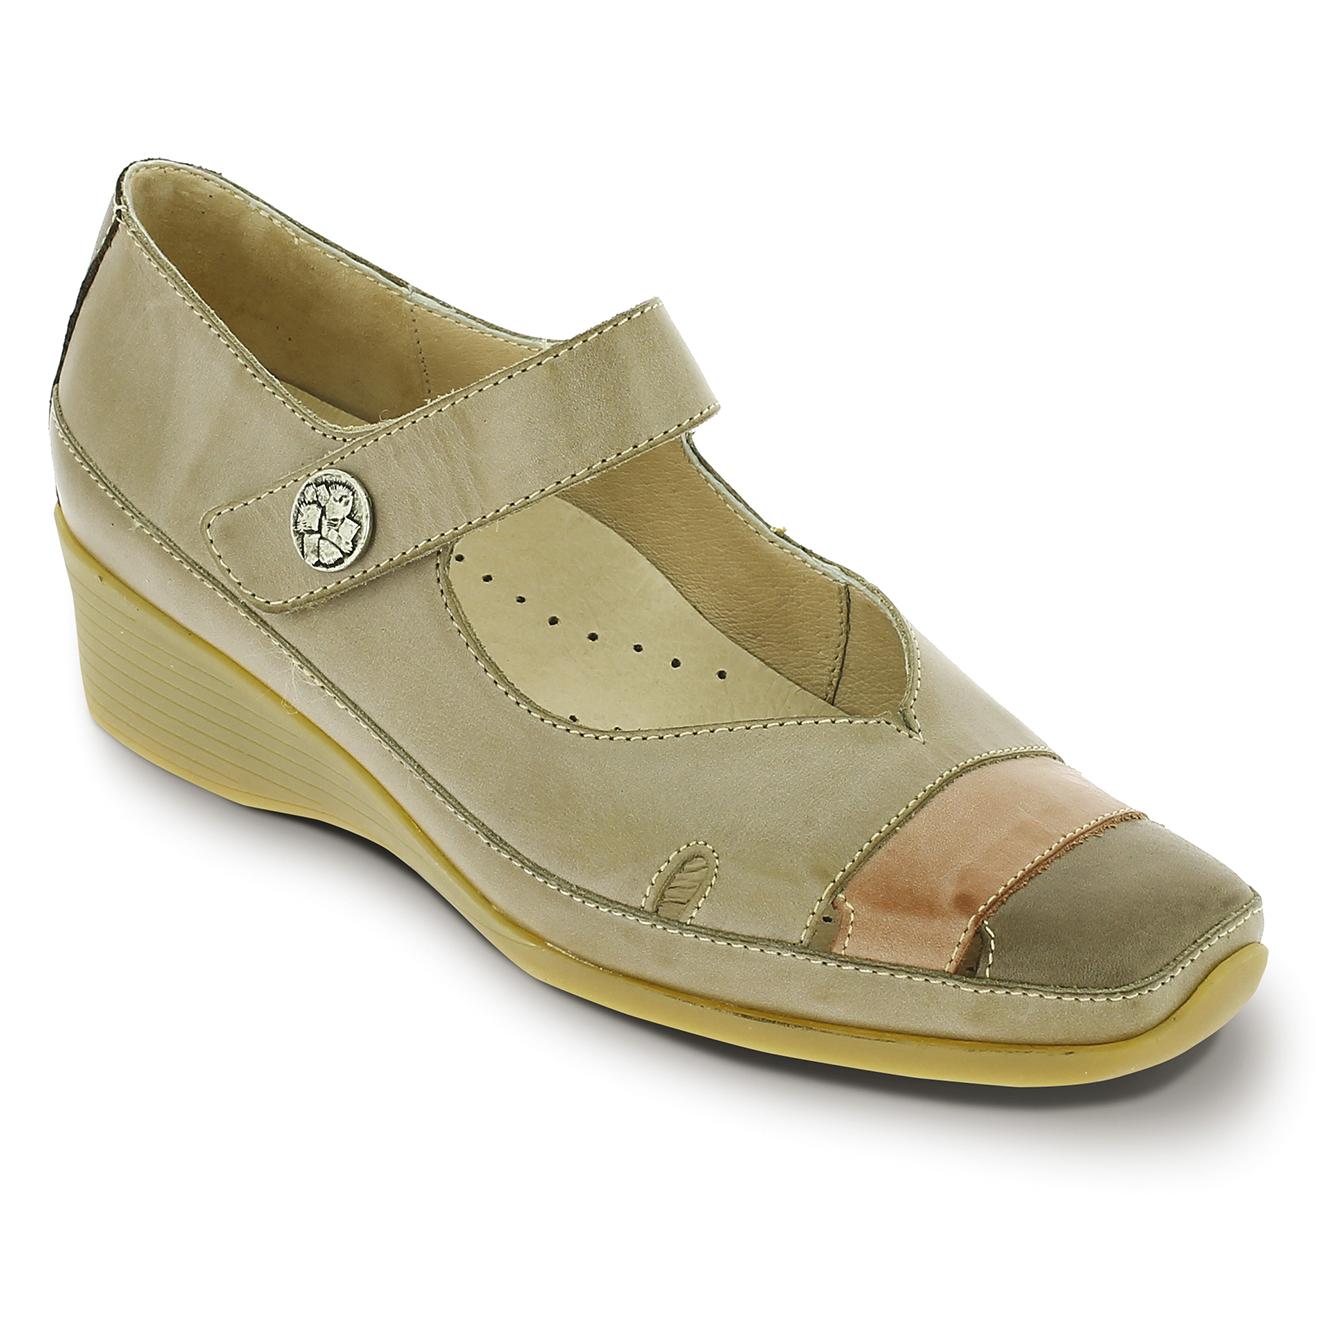 Sandales en Cuir Duneo beige foncé